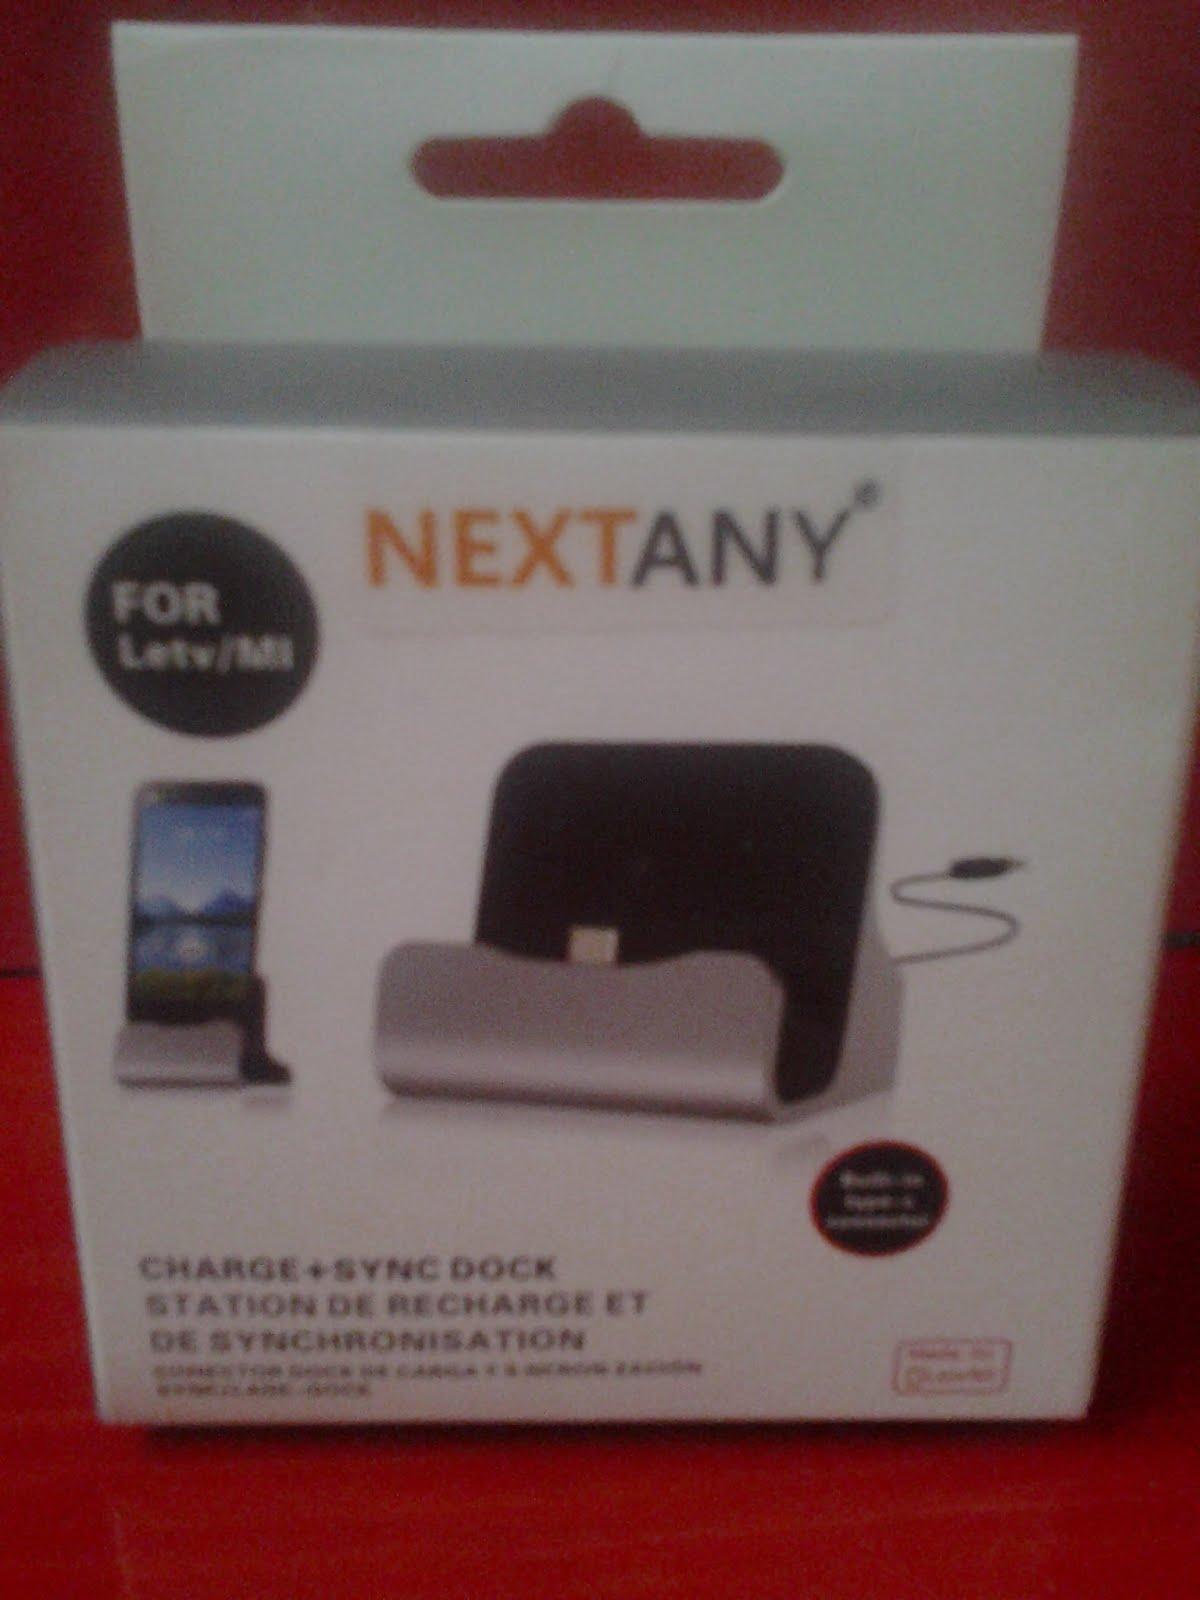 Nextany